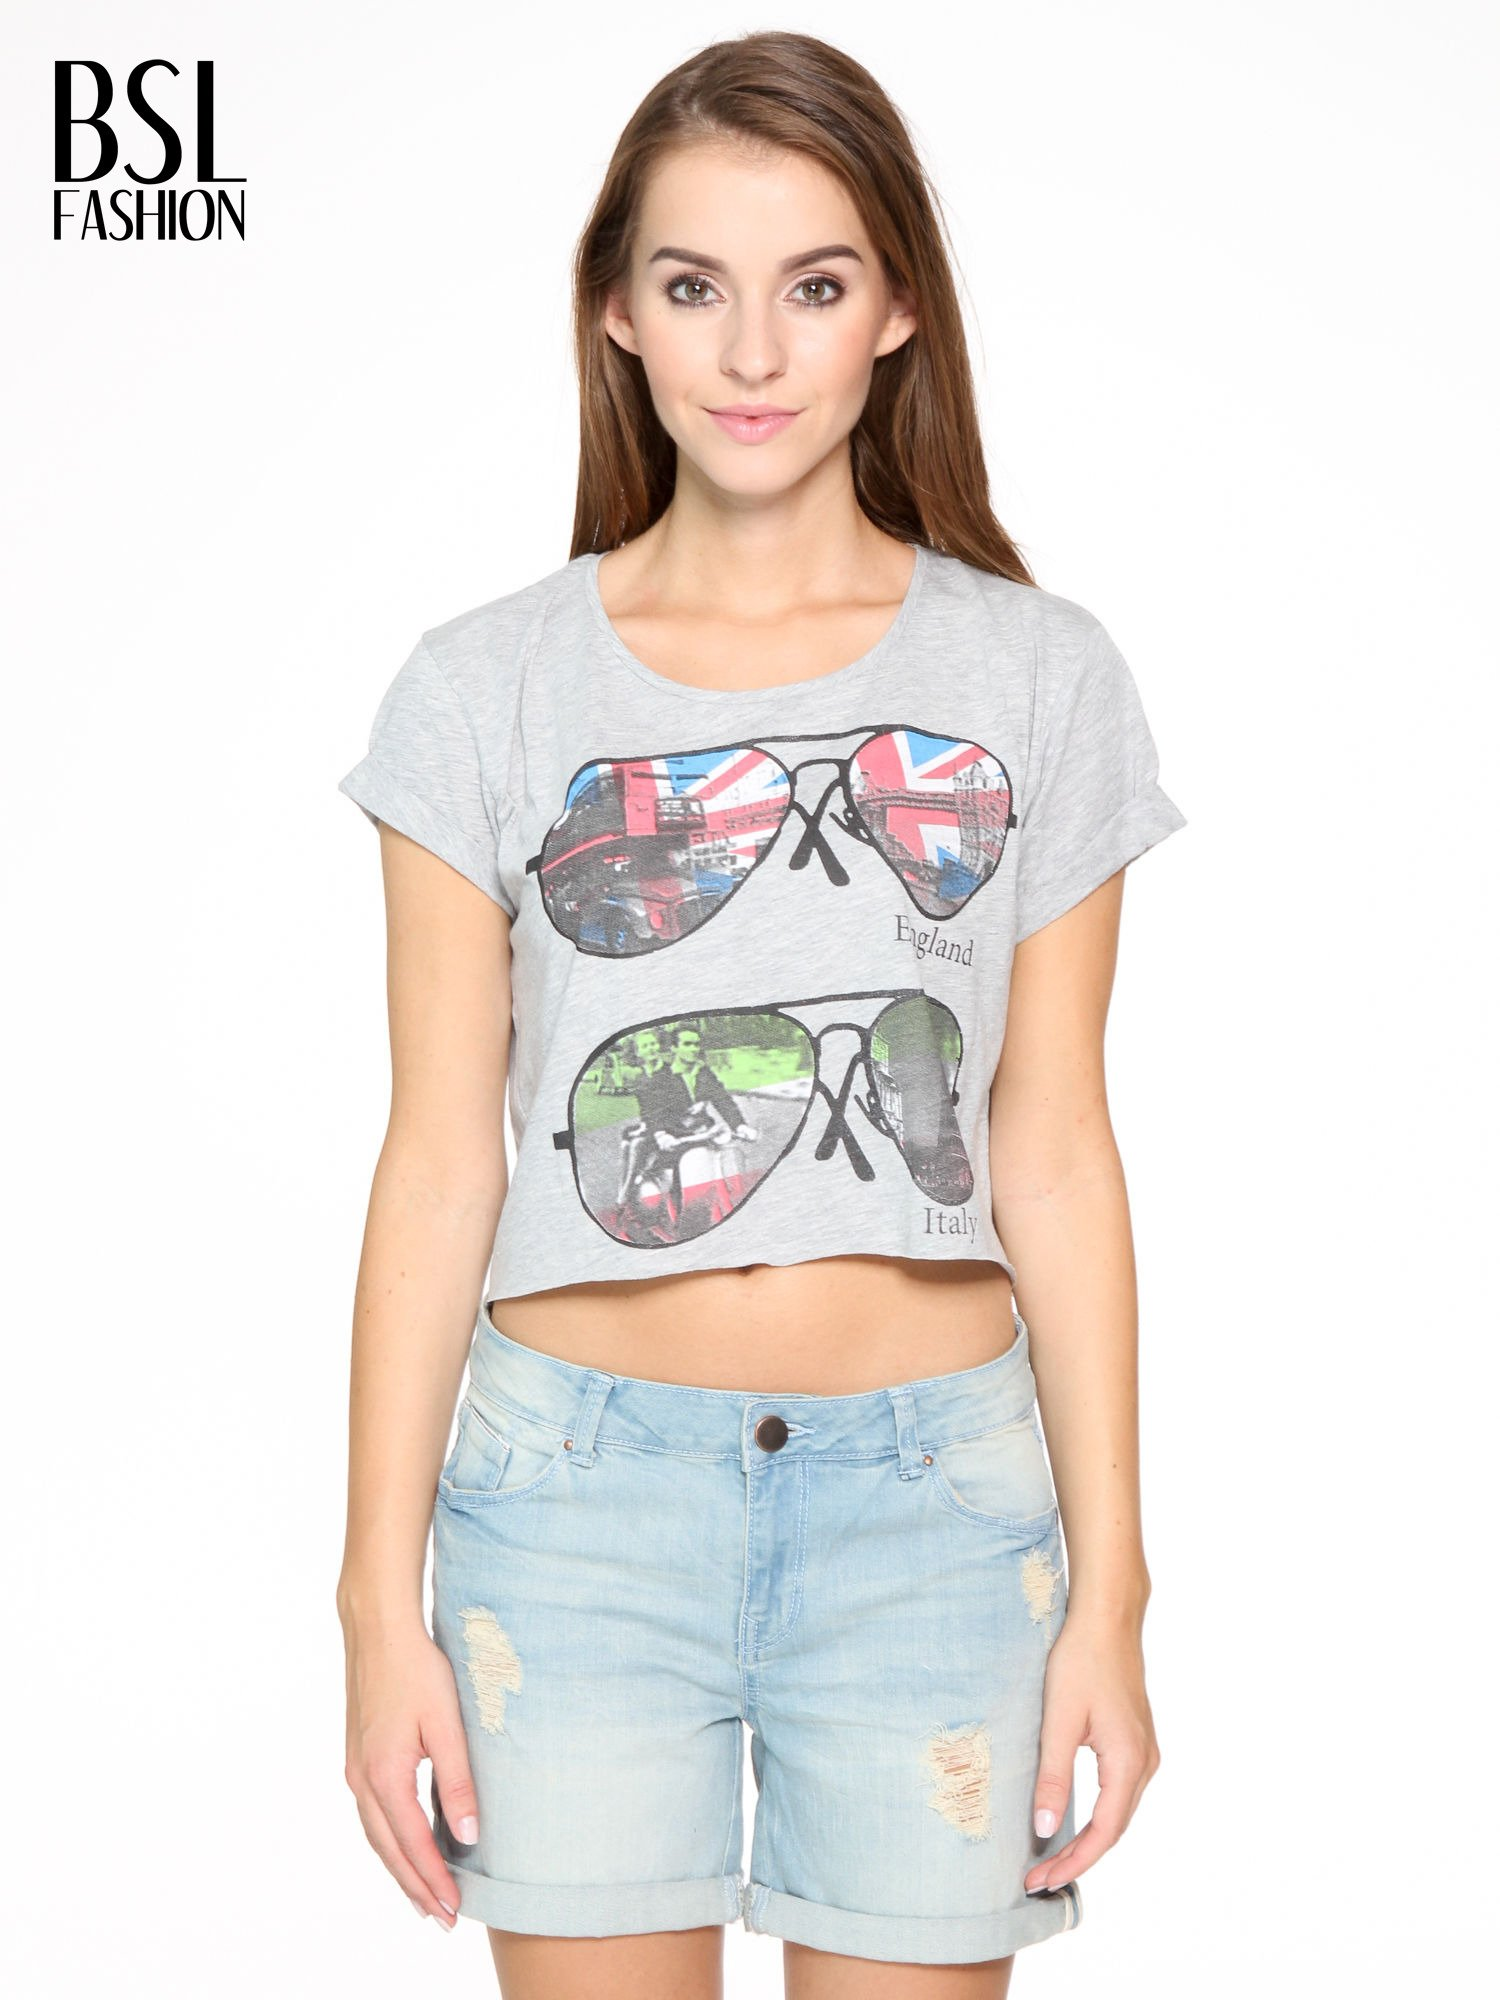 Szary t-shirt z nadrukiem awiatorów z motywem ENGLAND/ITALY                                  zdj.                                  1